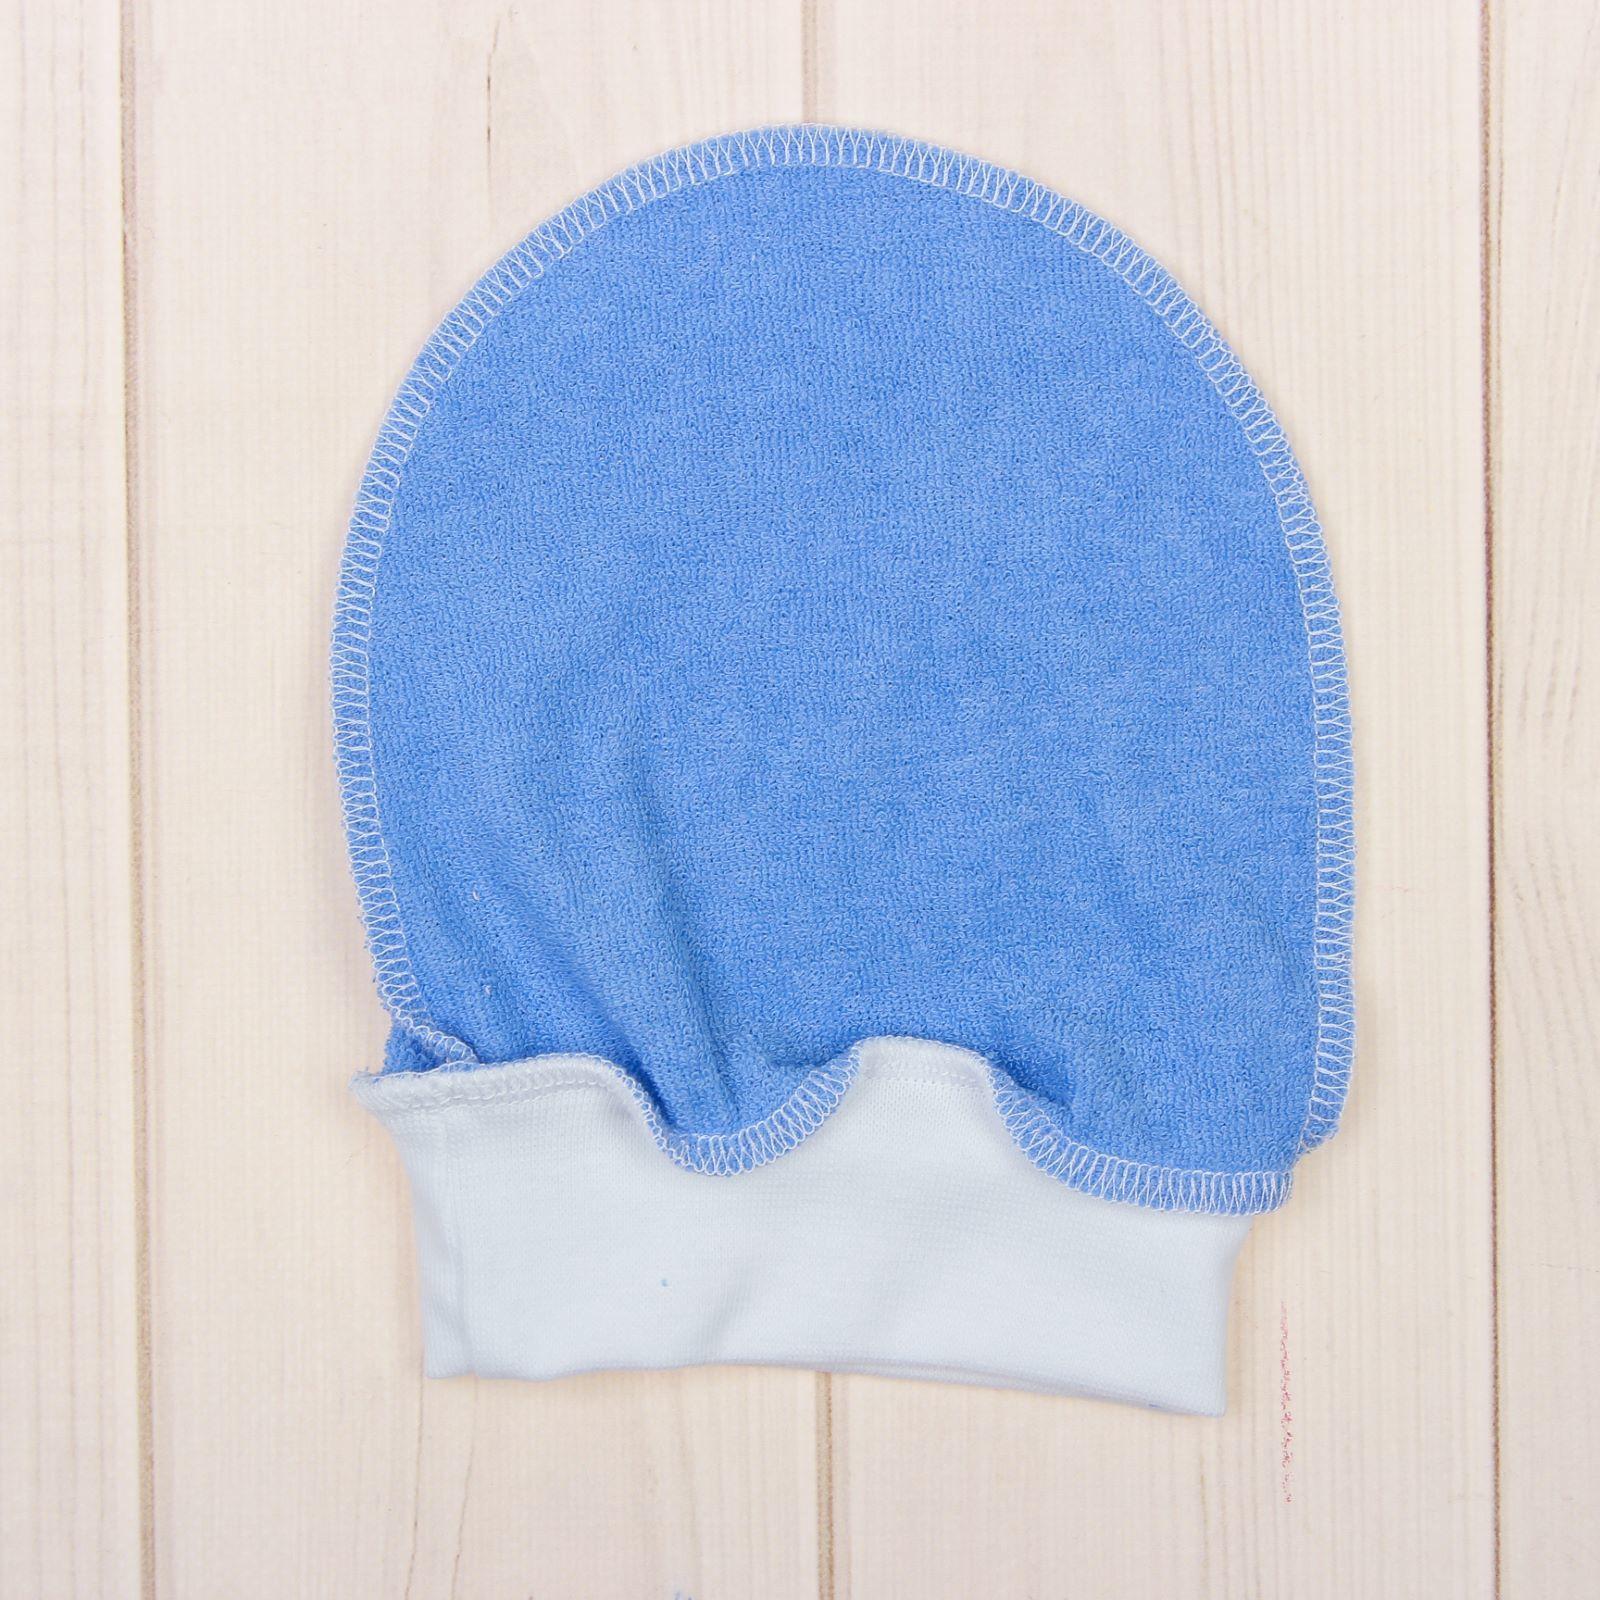 Пеленка-кокон на молнии с шапочкой, голубая, 50-68 см